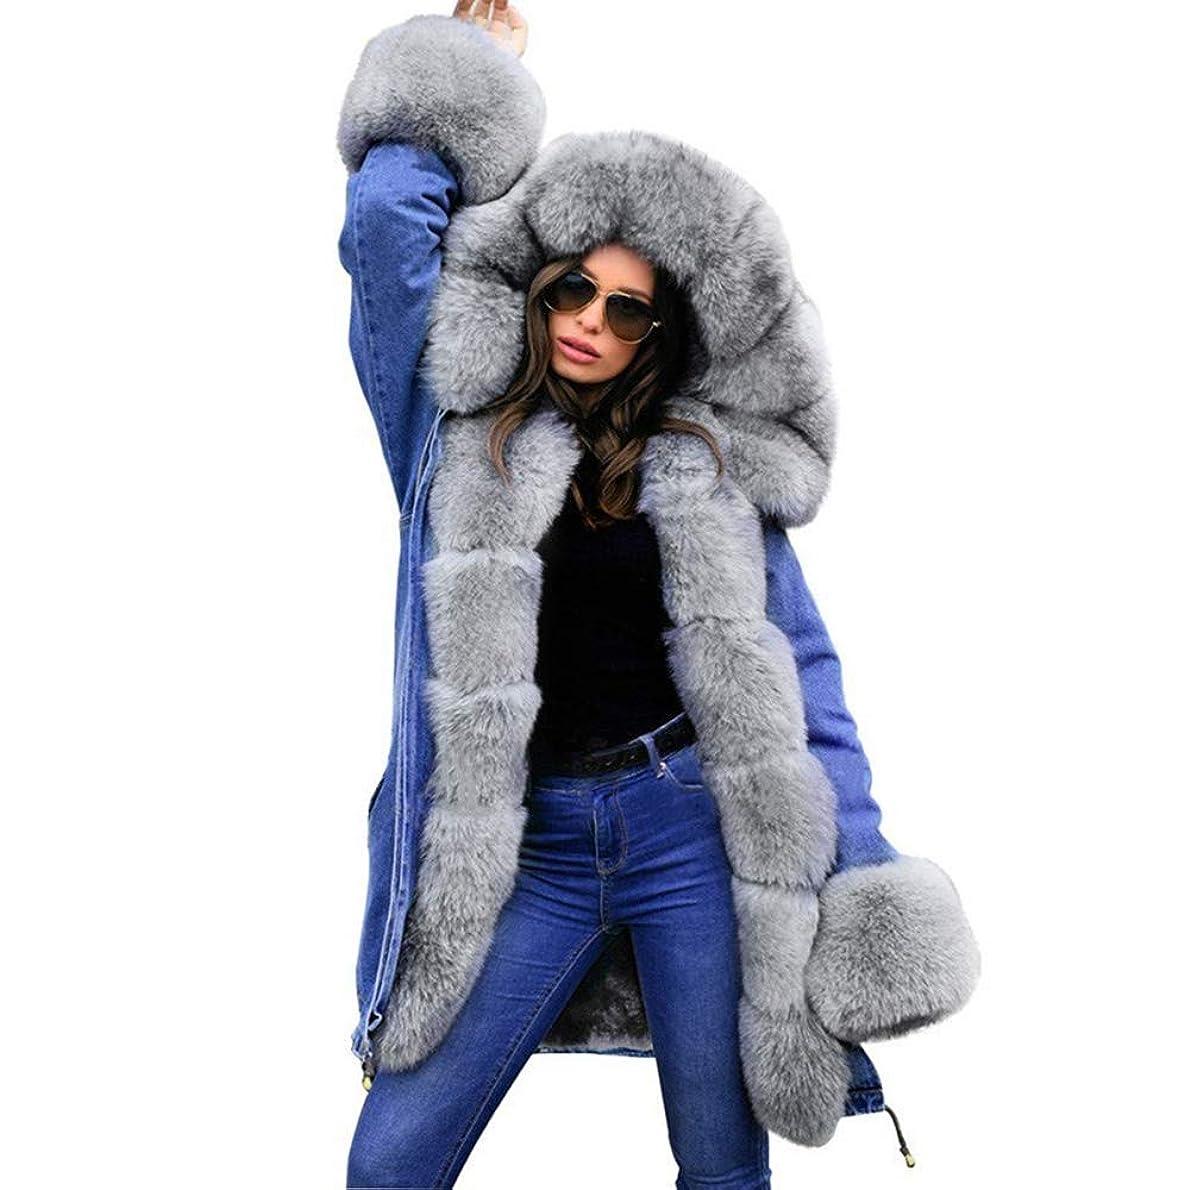 なので少ないさせる冬の女性のフード付きコートの毛皮の襟暖かいロングコートの女性の冬のジャケット女性のアウター,S